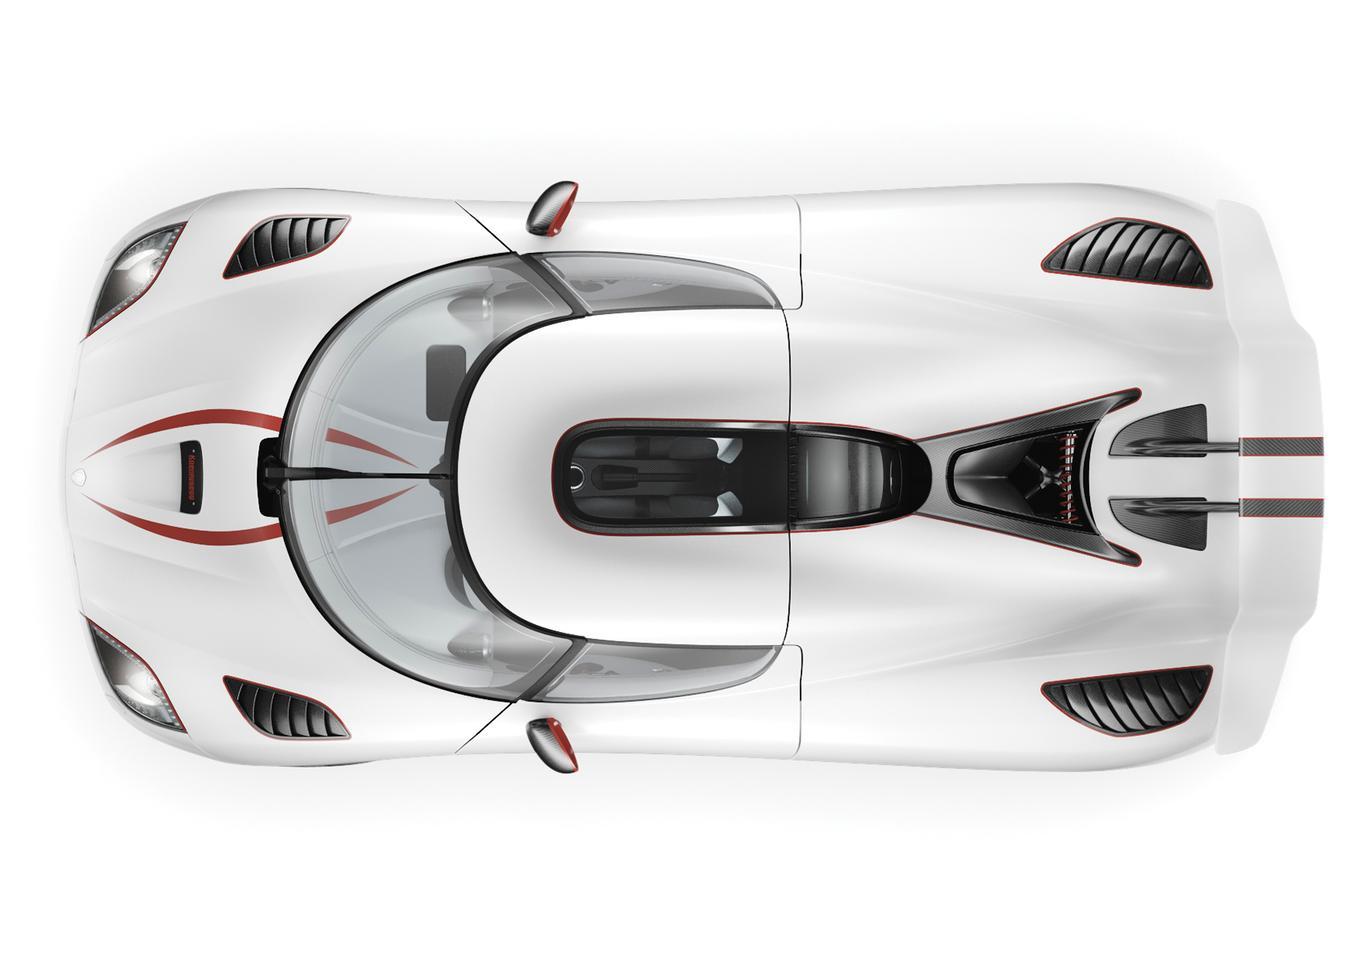 The 1100 bhp Koenigsegg Agera R